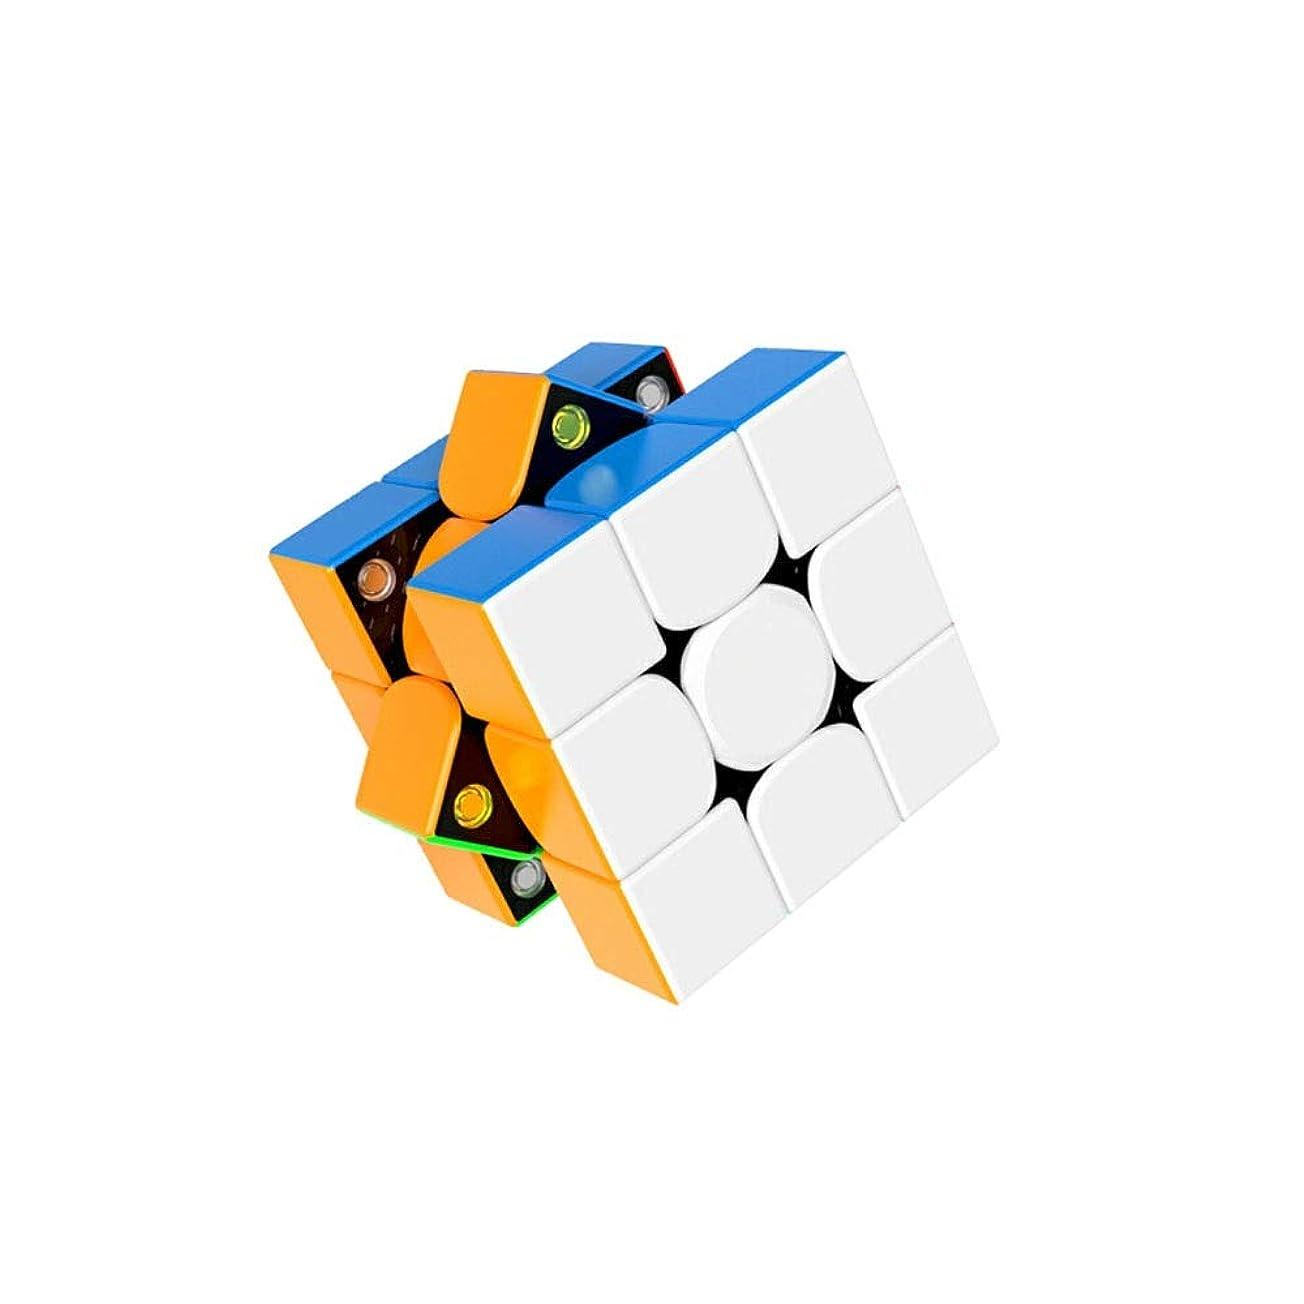 論争子供時代パーセントHongyuantongxun ルービックキューブ、快適な雰囲気を持つ革新的な磁気キューブ、高品質のデザインスタイル(3次) 実用的 (Color : Multi-colored, Edition : Third order)